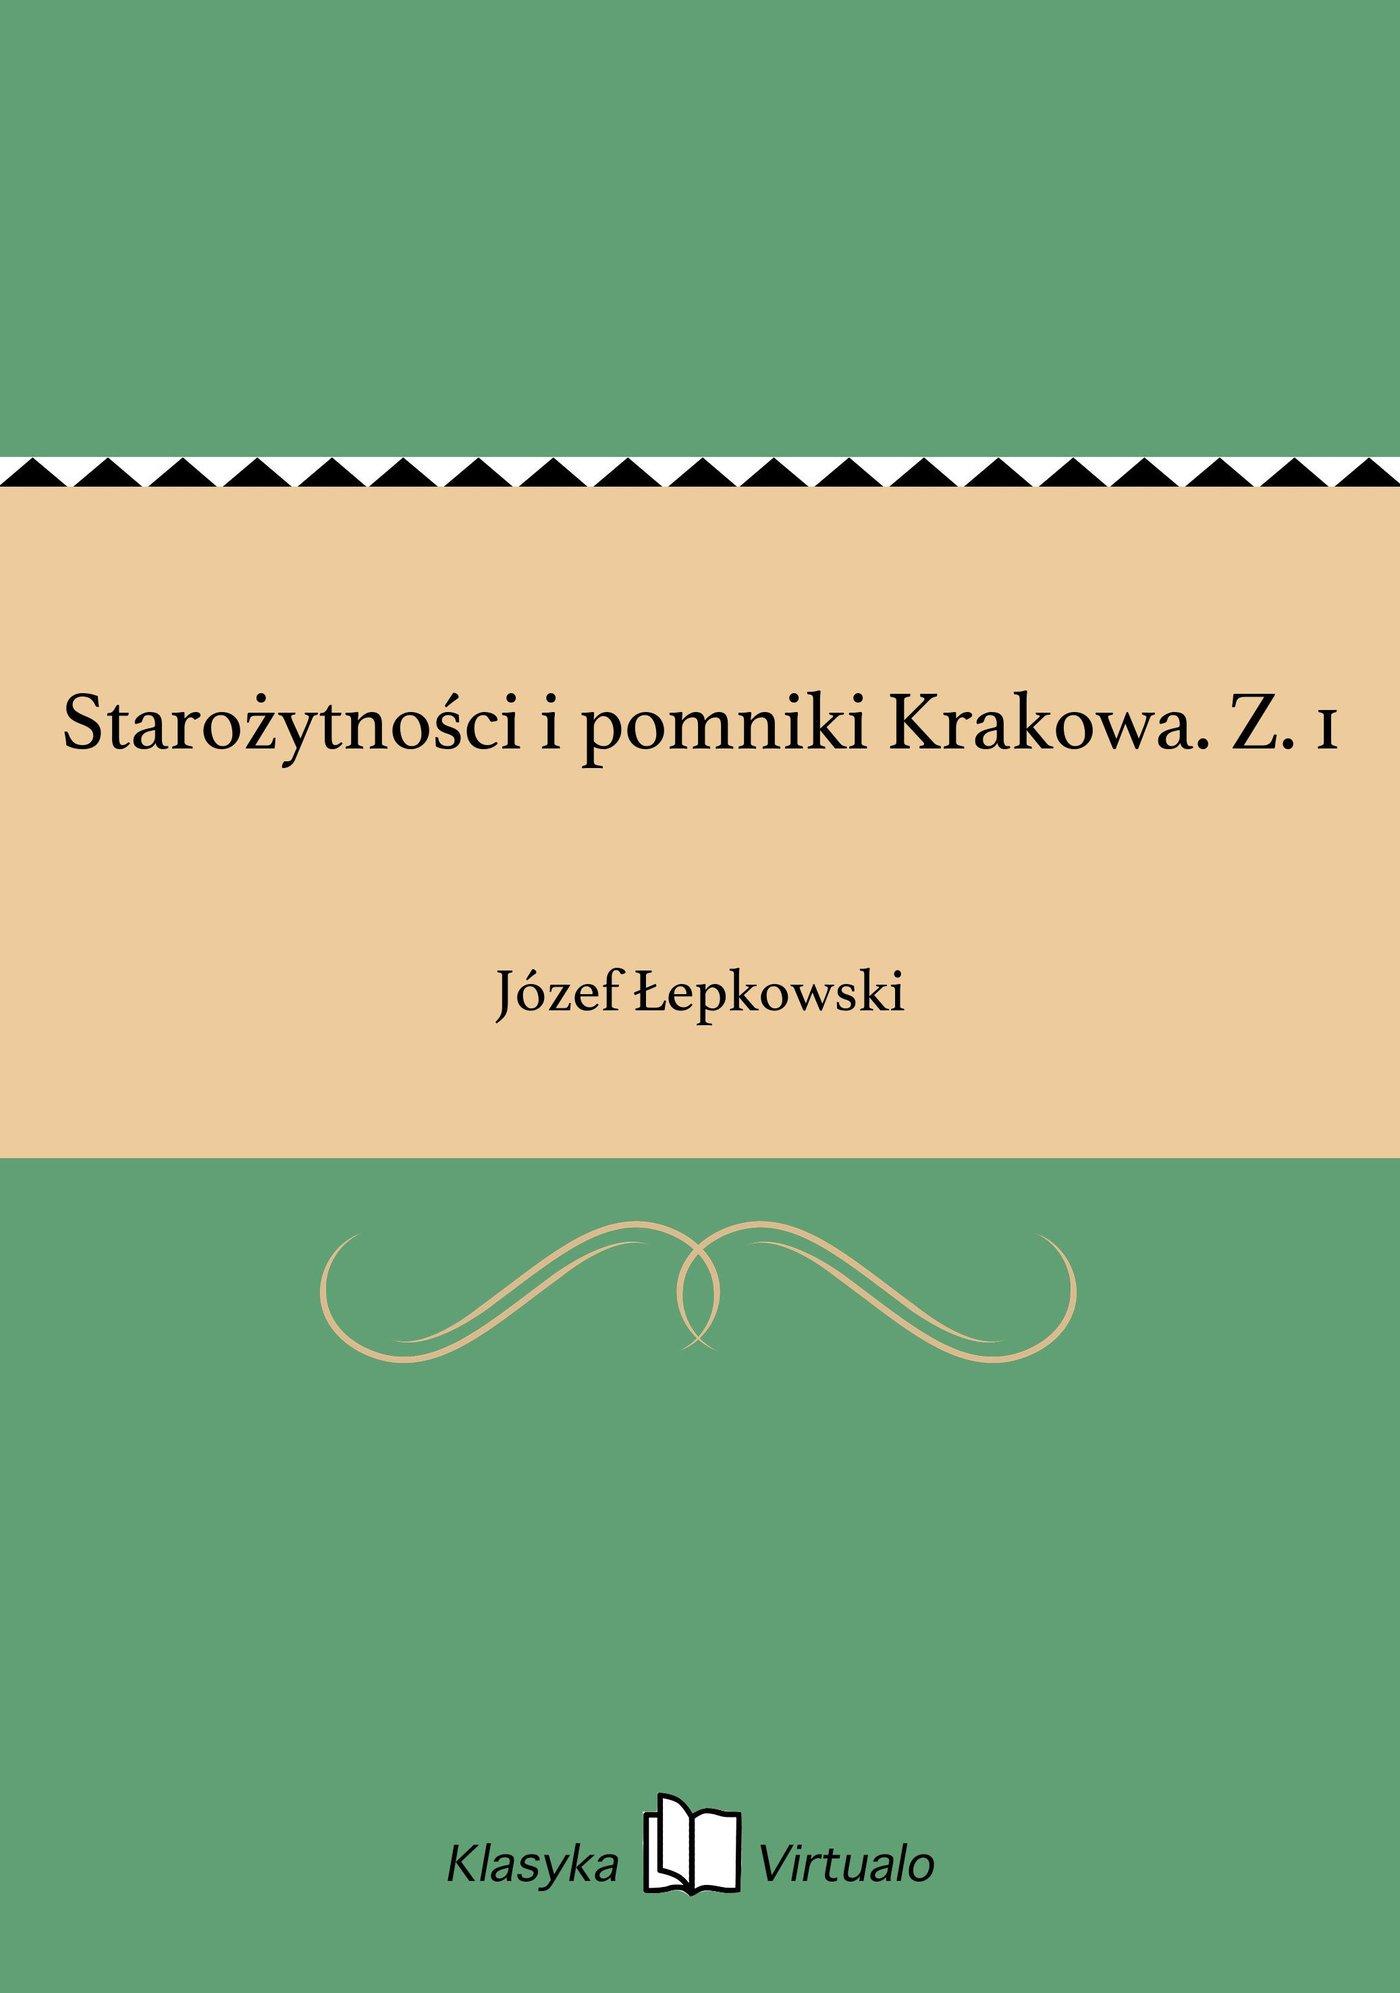 Starożytności i pomniki Krakowa. Z. 1 - Ebook (Książka na Kindle) do pobrania w formacie MOBI